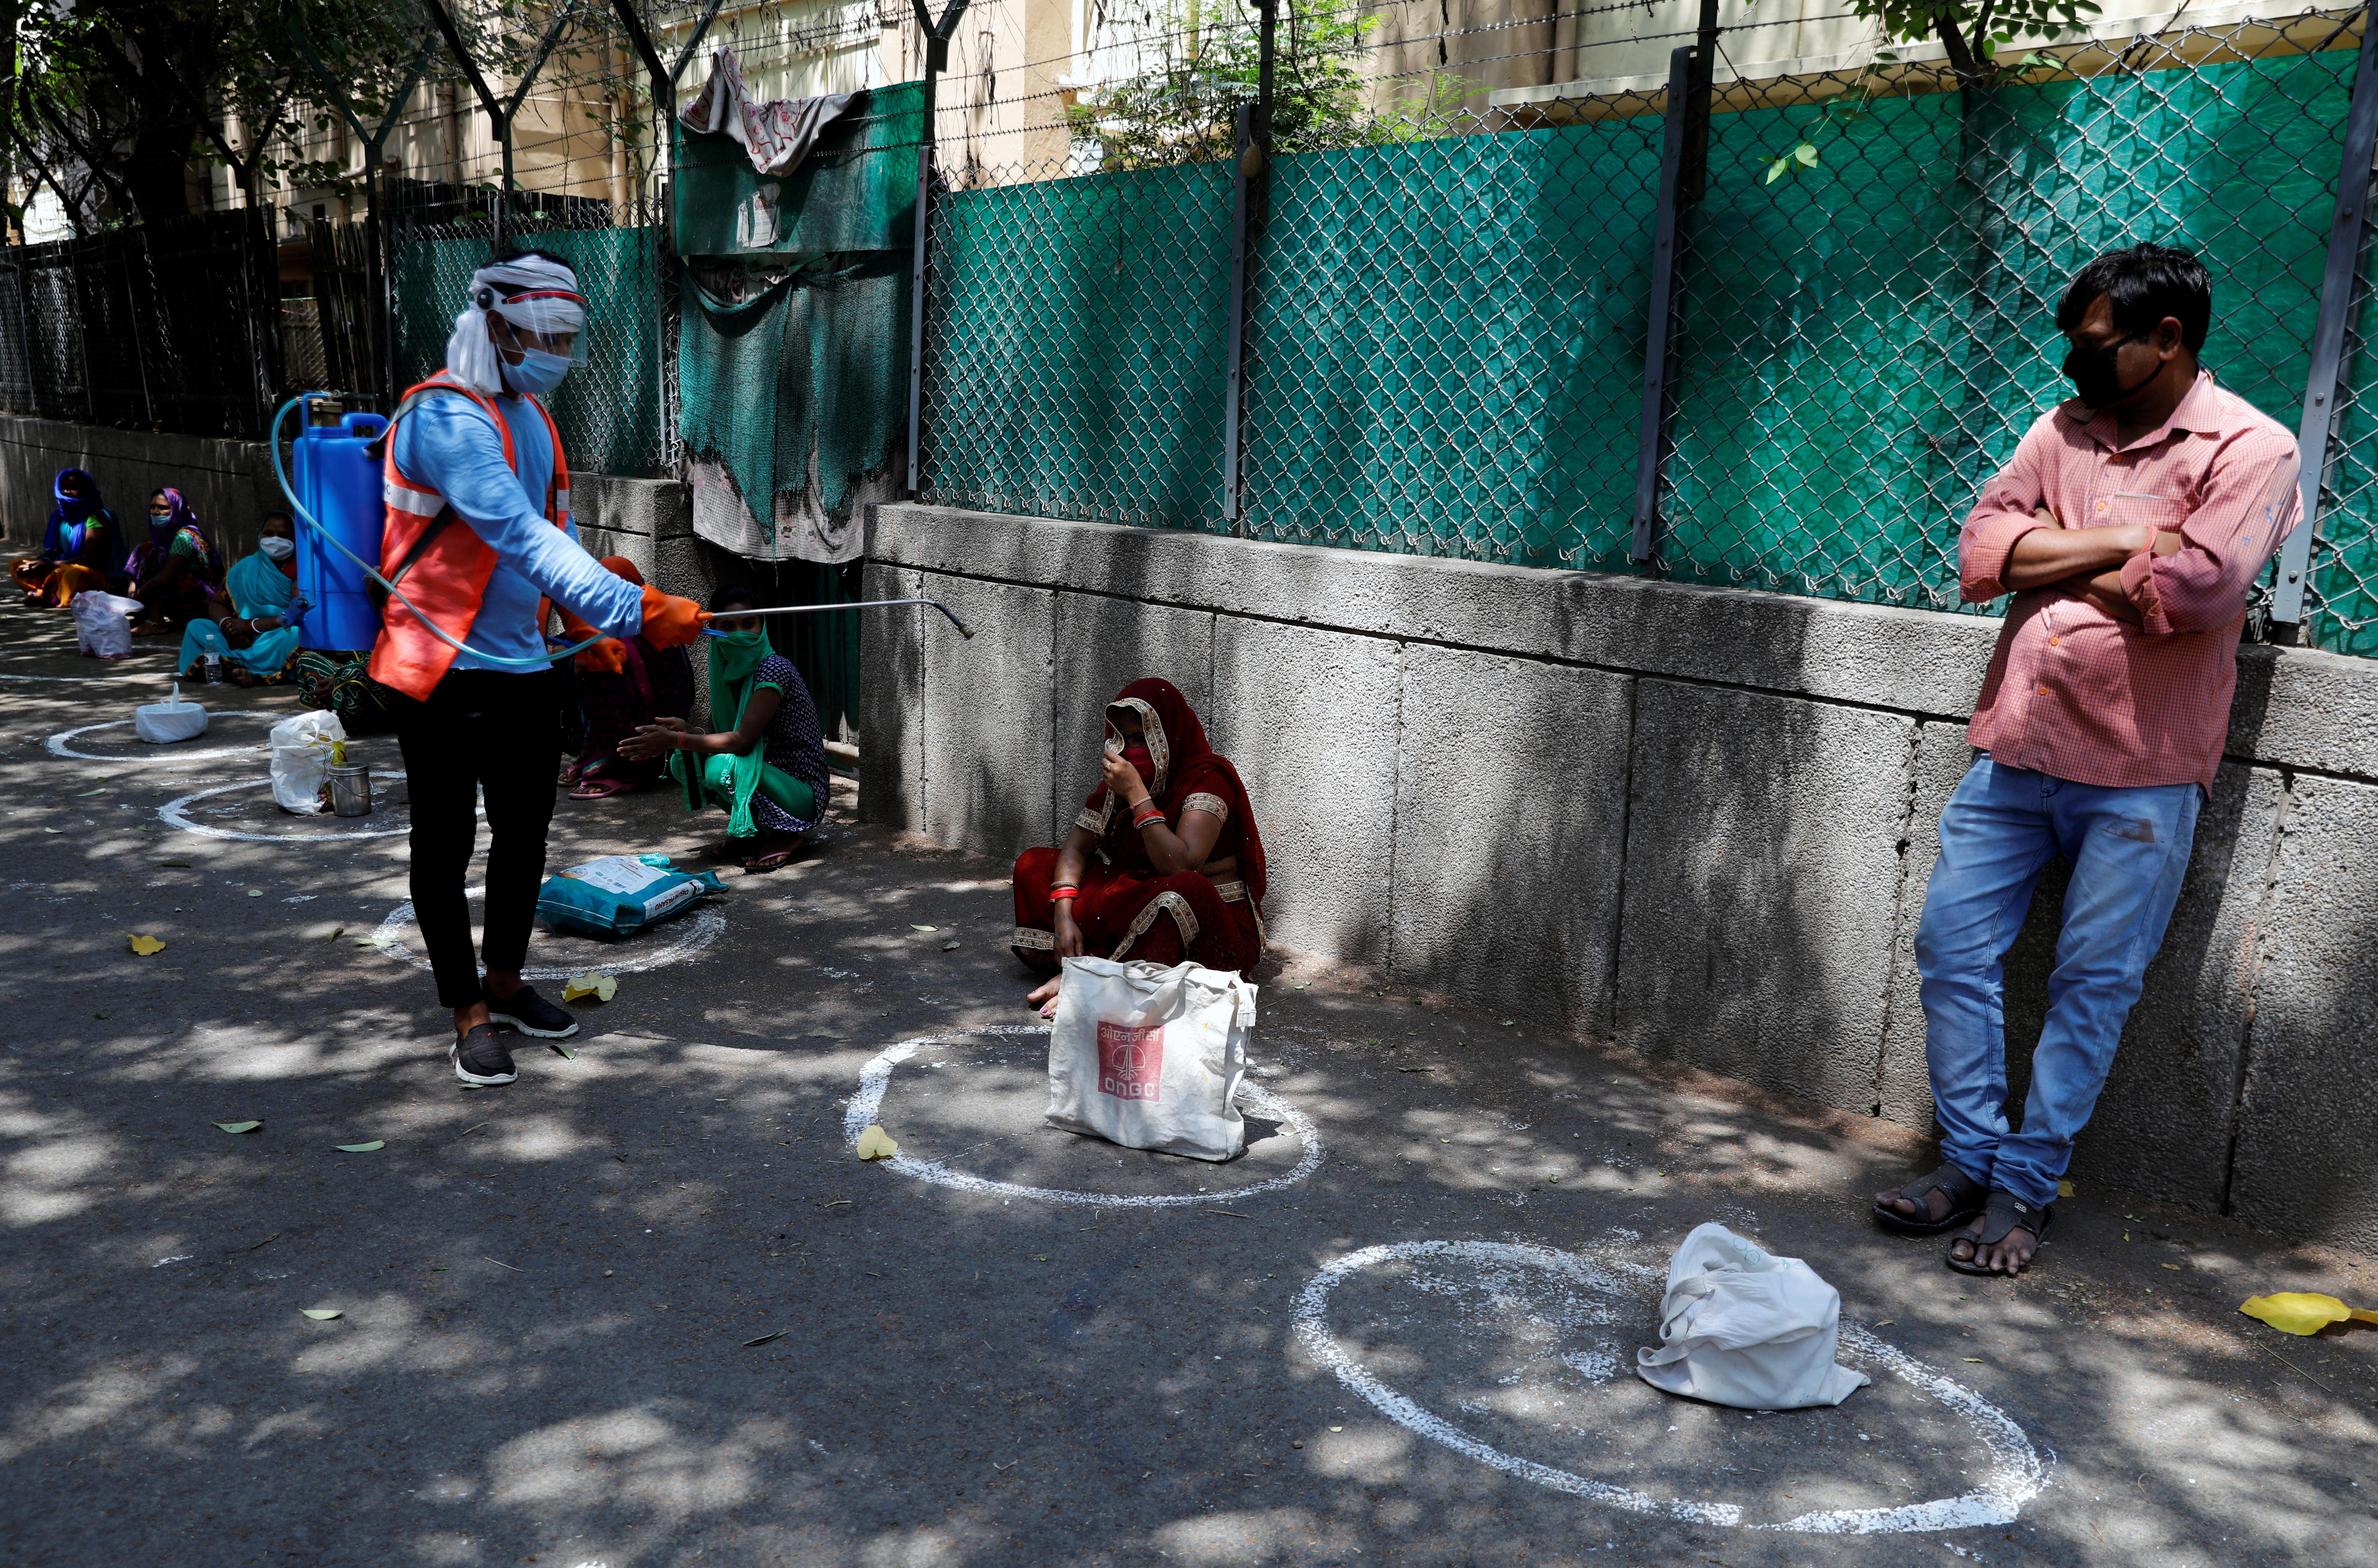 Un trabajador municipal rocía desinfectante en las bolsas de la gente, mientras mantienen el distanciamiento social en una fila para recibir alimentos gratuitos distribuidos por el gobierno en Nueva Delhi, India, el 21 de abril de 2020. REUTERS/Anushree Fadnavis